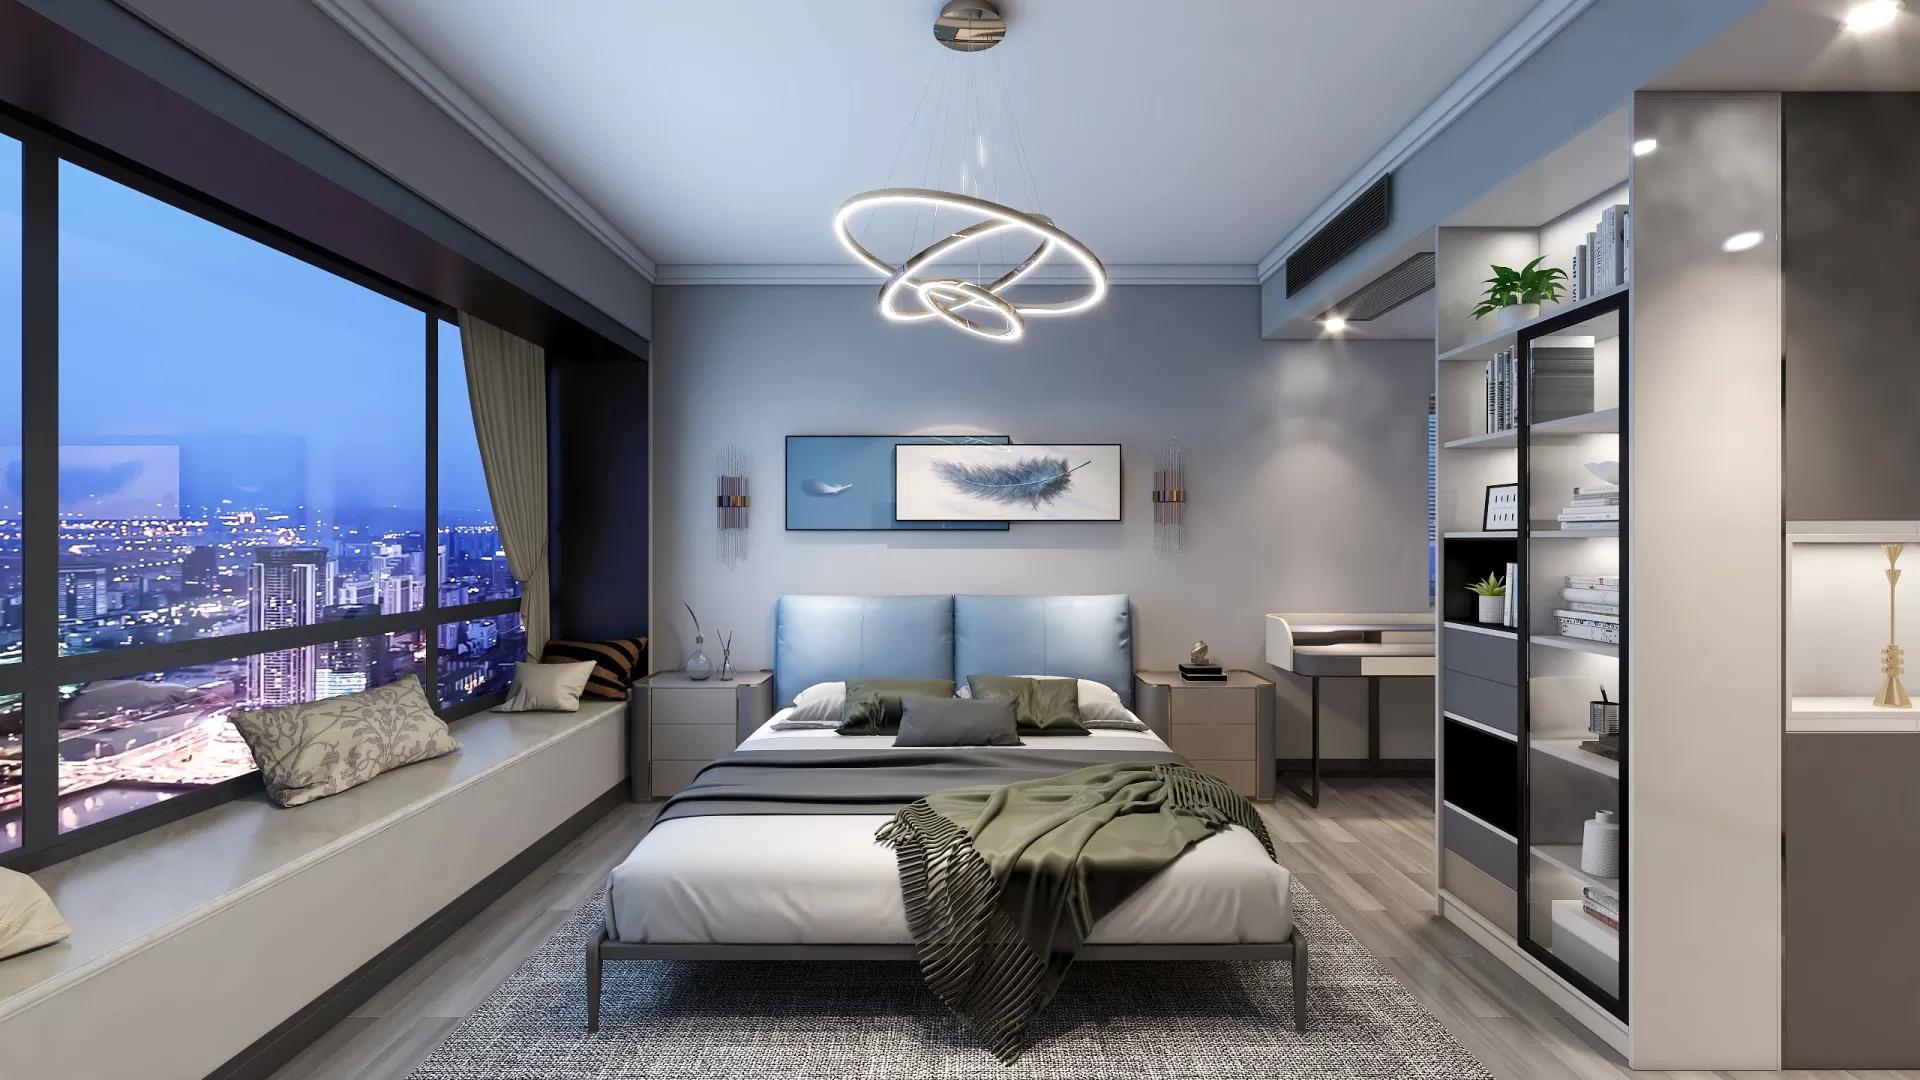 灭蚊灯有什么优点 光触灭蚊灯的优点